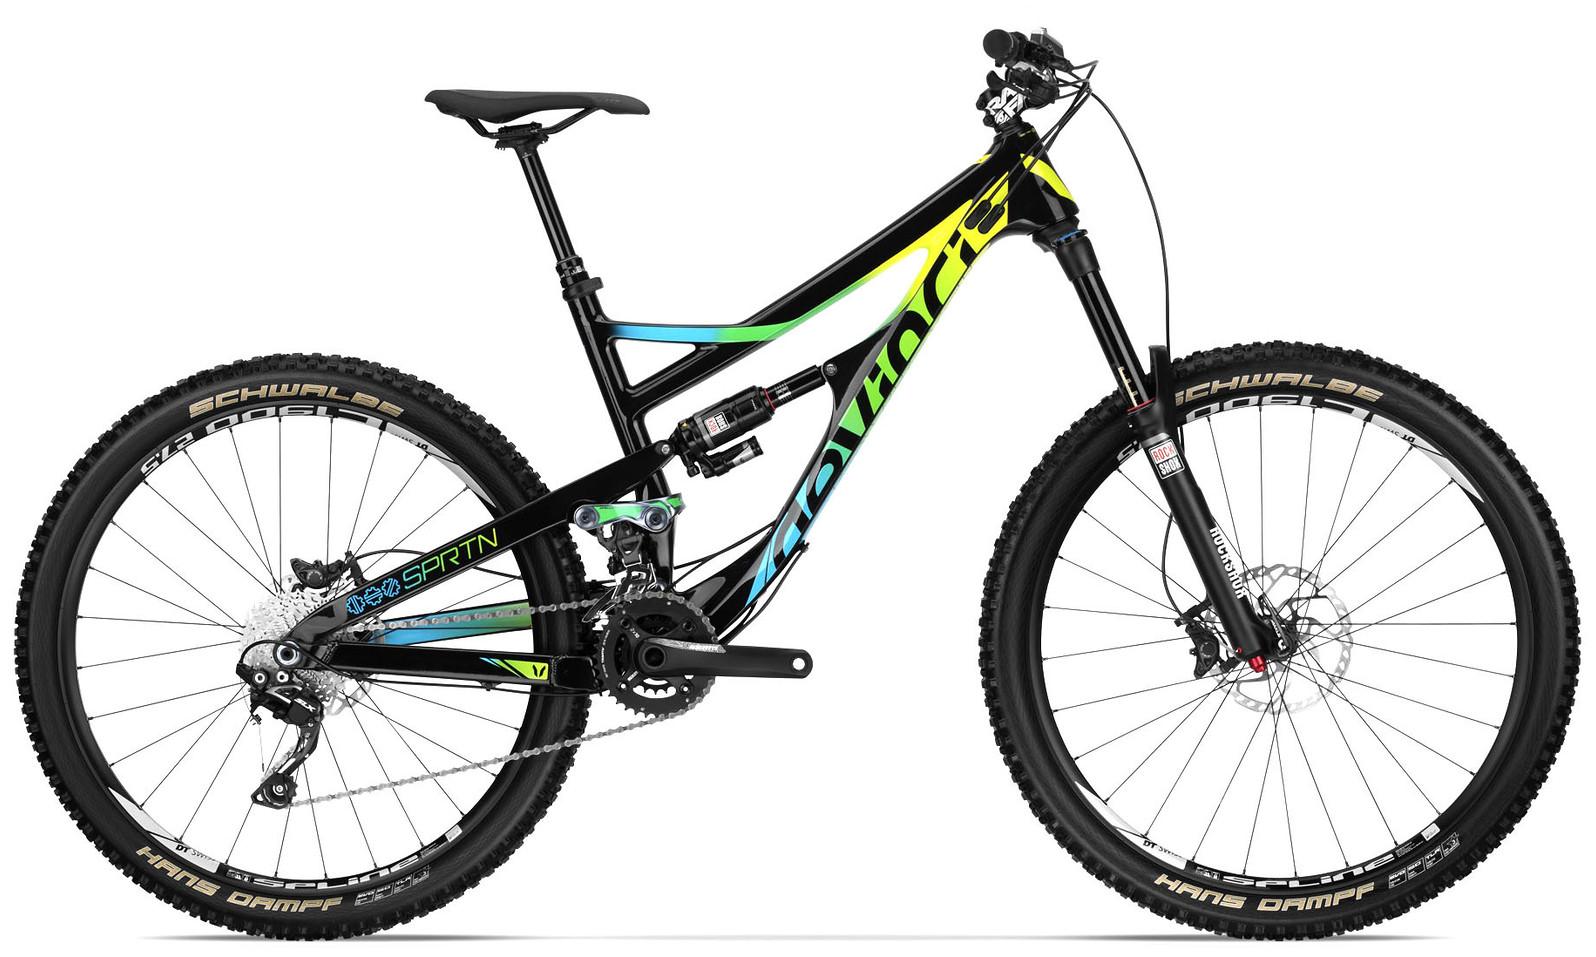 Devinci SPARTAN CARBON RC bike